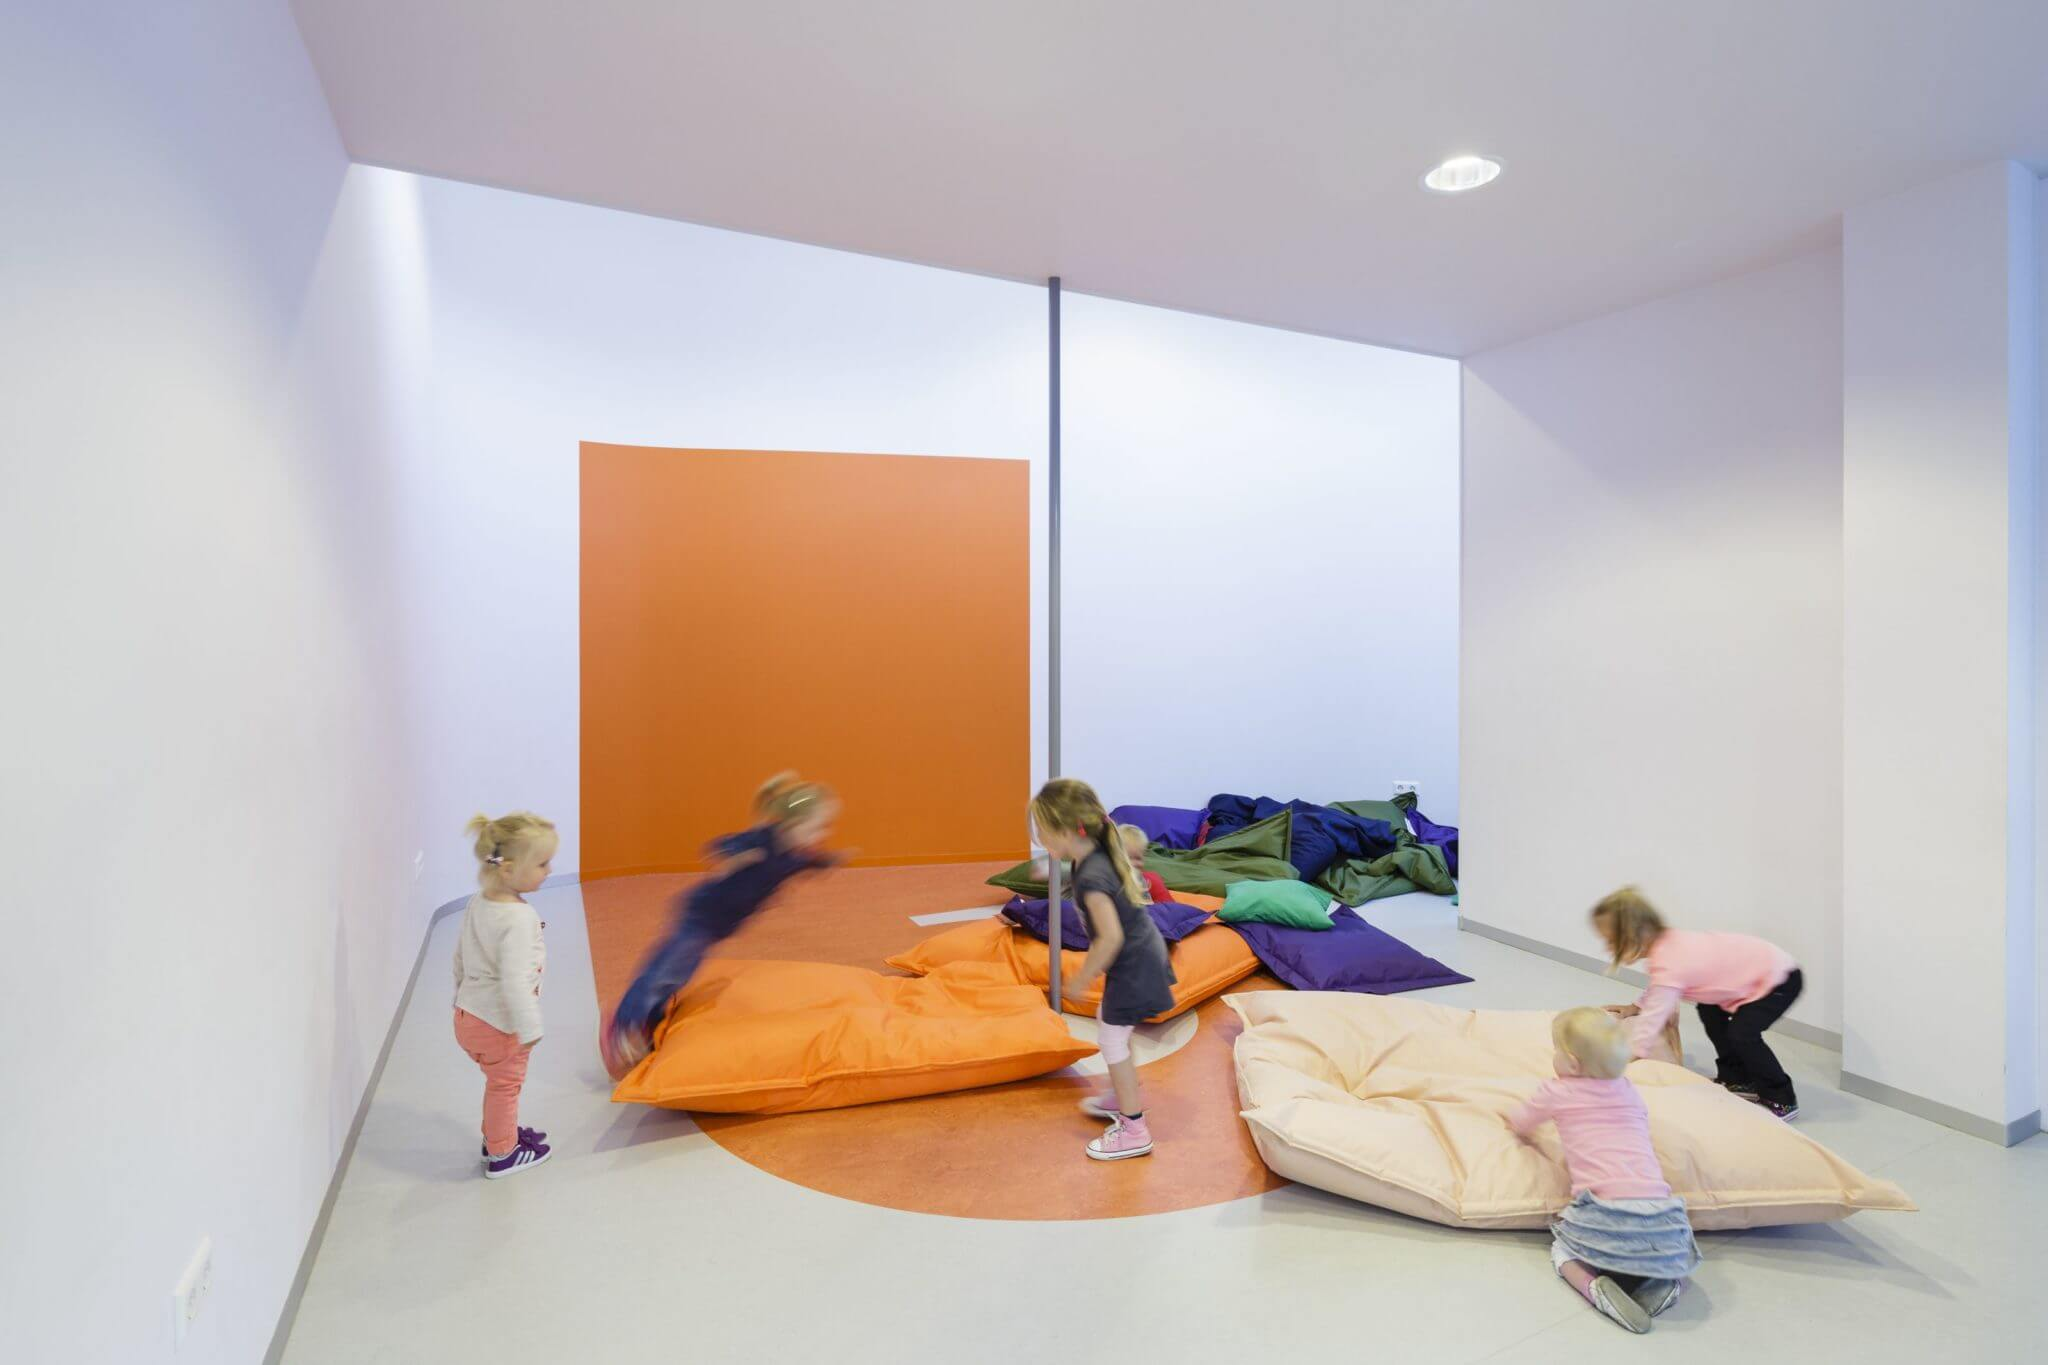 basisschool Eindhoven Dikkie&Dik onderwijs kleur kleuraccenten kinderopvang kinderdagverblijf dagopvang Brainport brug loopbrug verbinding speelzaal BSO Waalstraat St. Antonius Abt. metselwerk